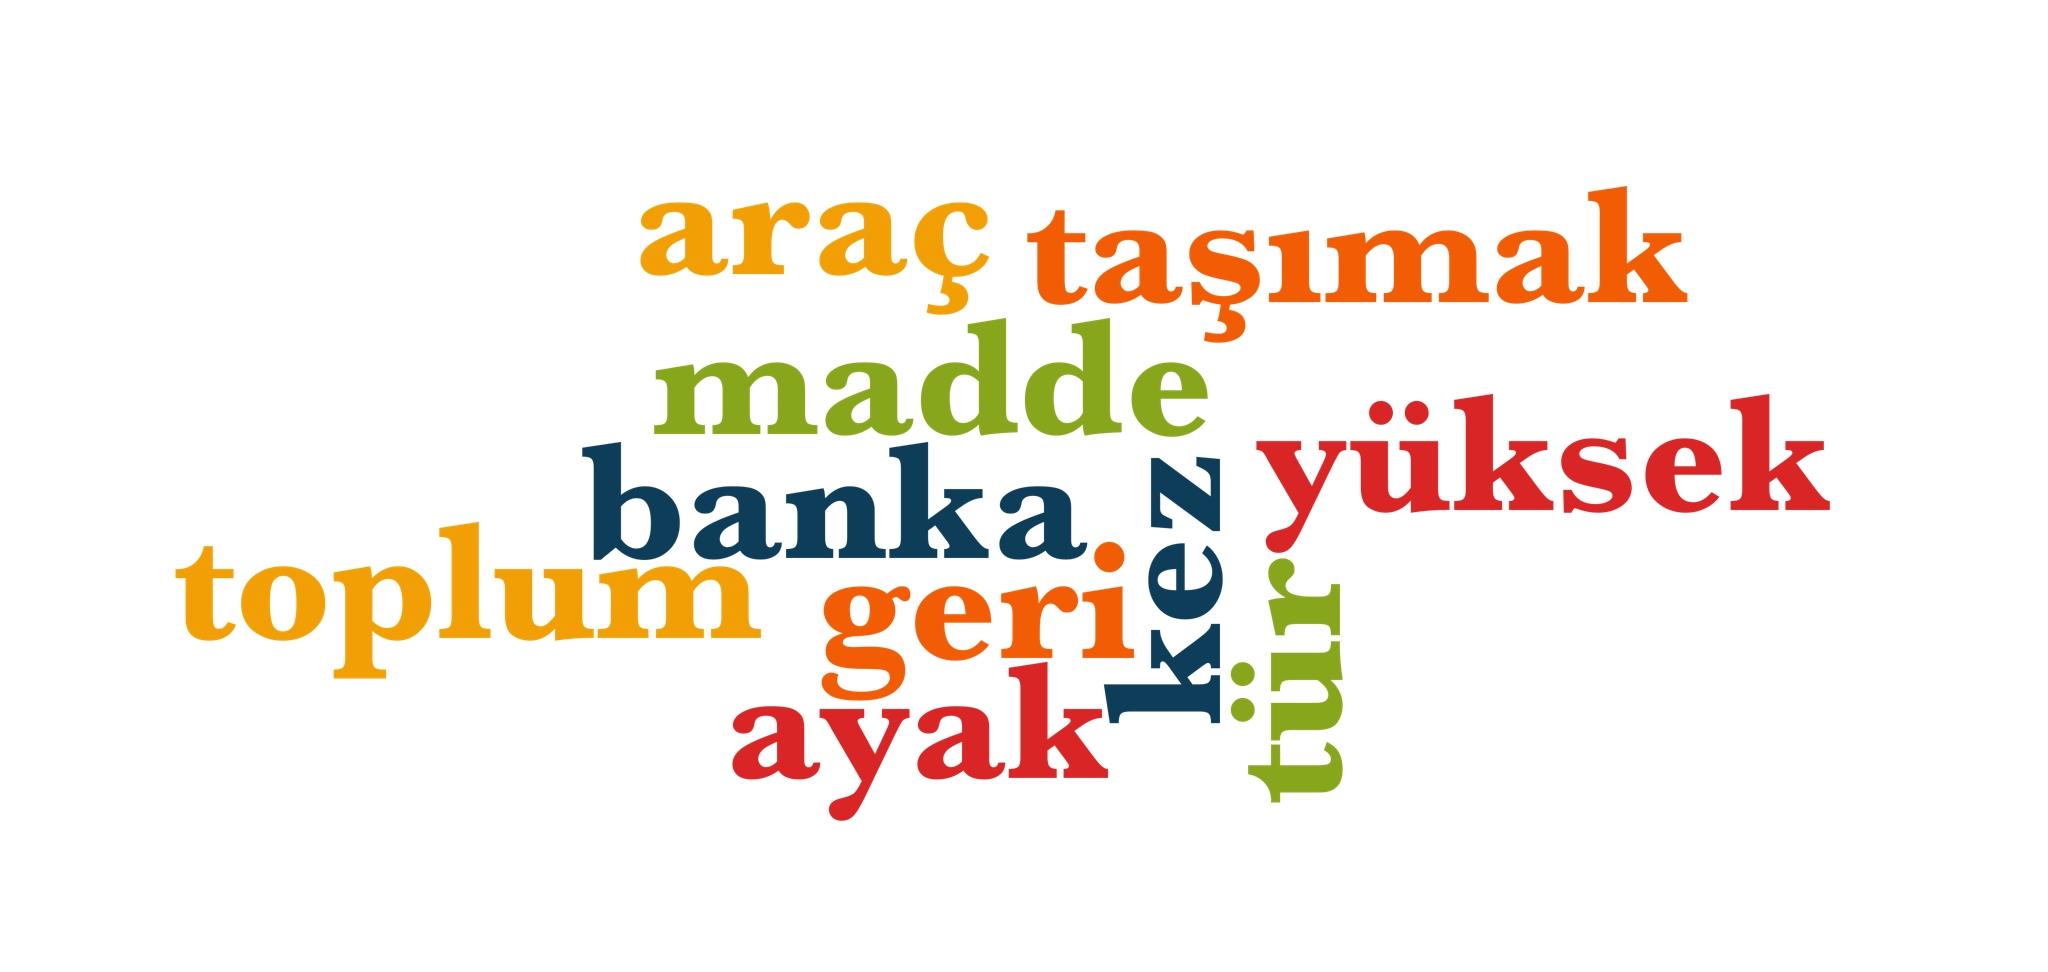 Wörter 231 bis 240 der 1000 häufigsten Wörter der türkischen Sprache